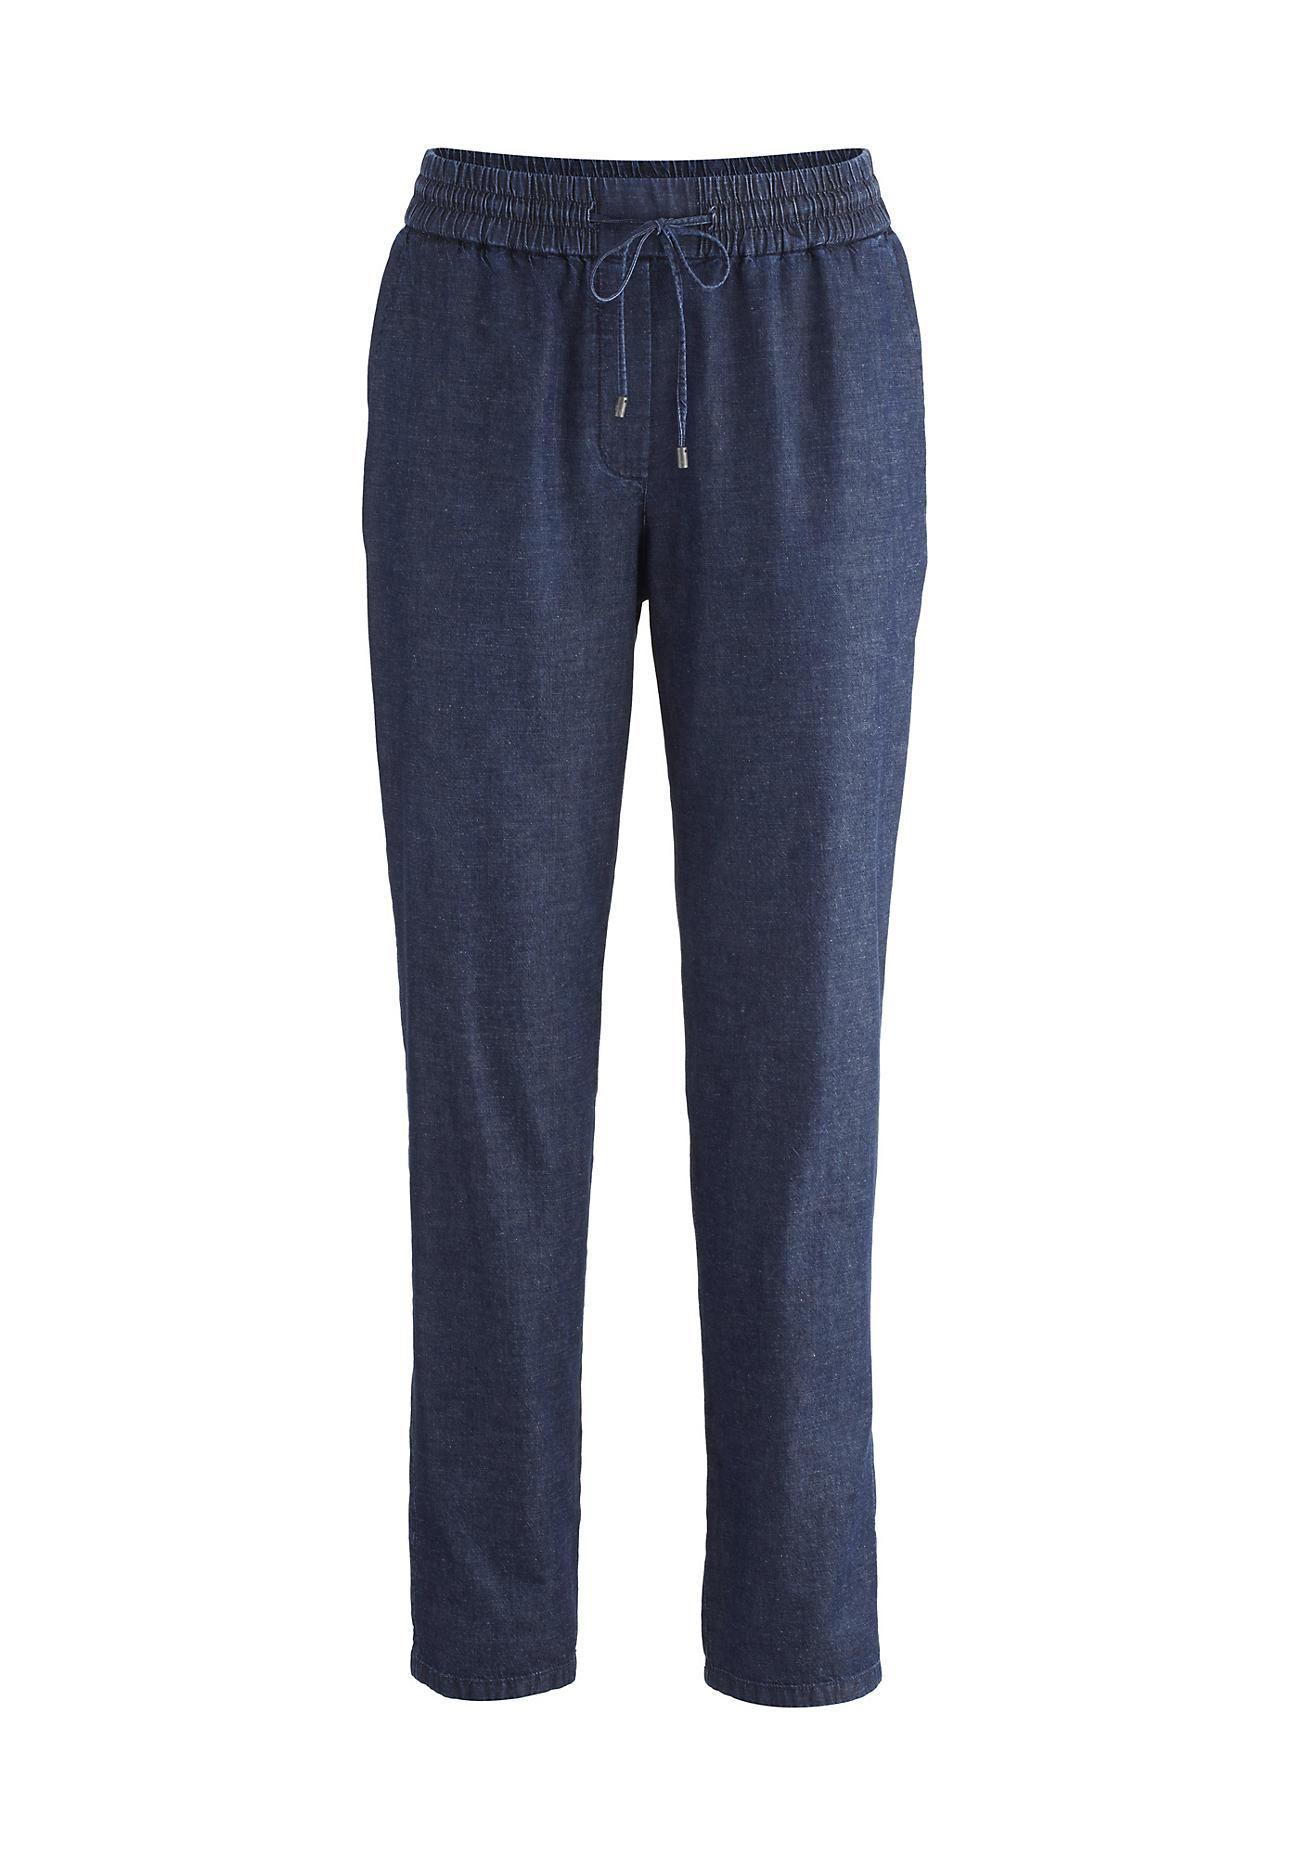 Hosen - hessnatur Damen Jeans aus Bio Baumwolle mit Leinen – blau –  - Onlineshop Hessnatur